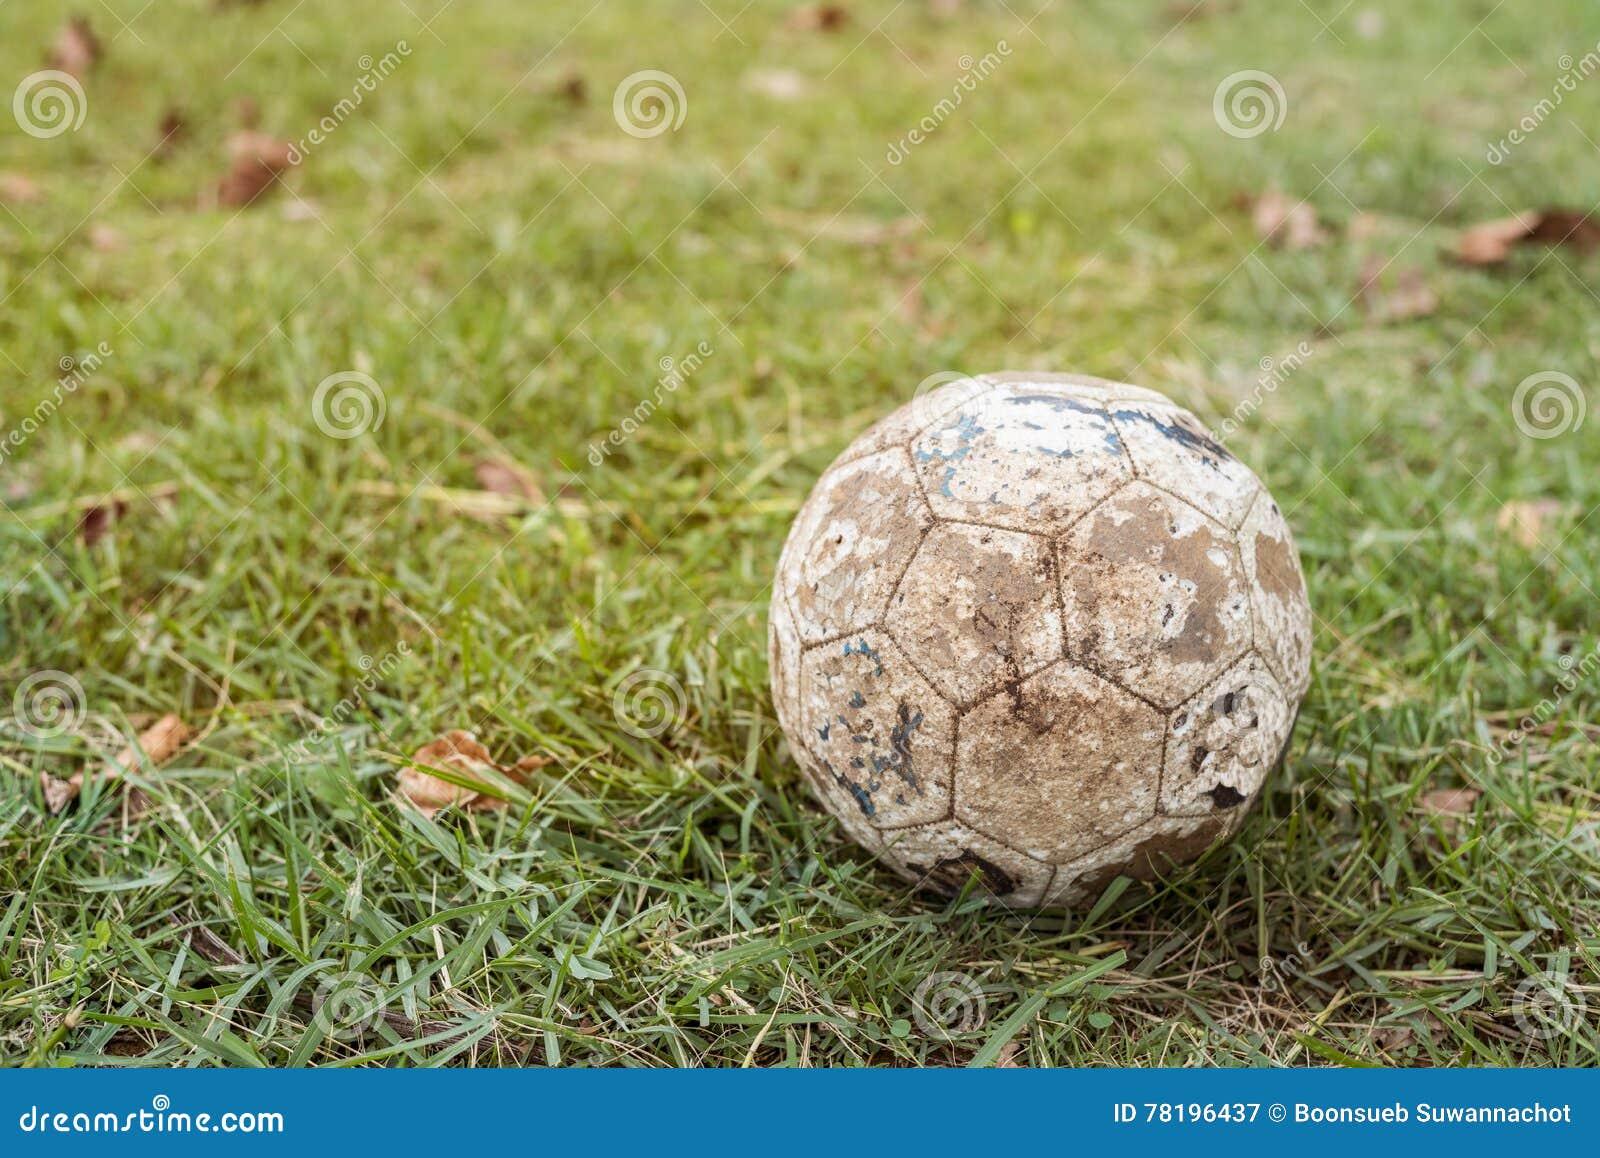 Ο αναδρομικός τόνος χρησιμοποίησε την παλαιά σφαίρα ποδοσφαίρου